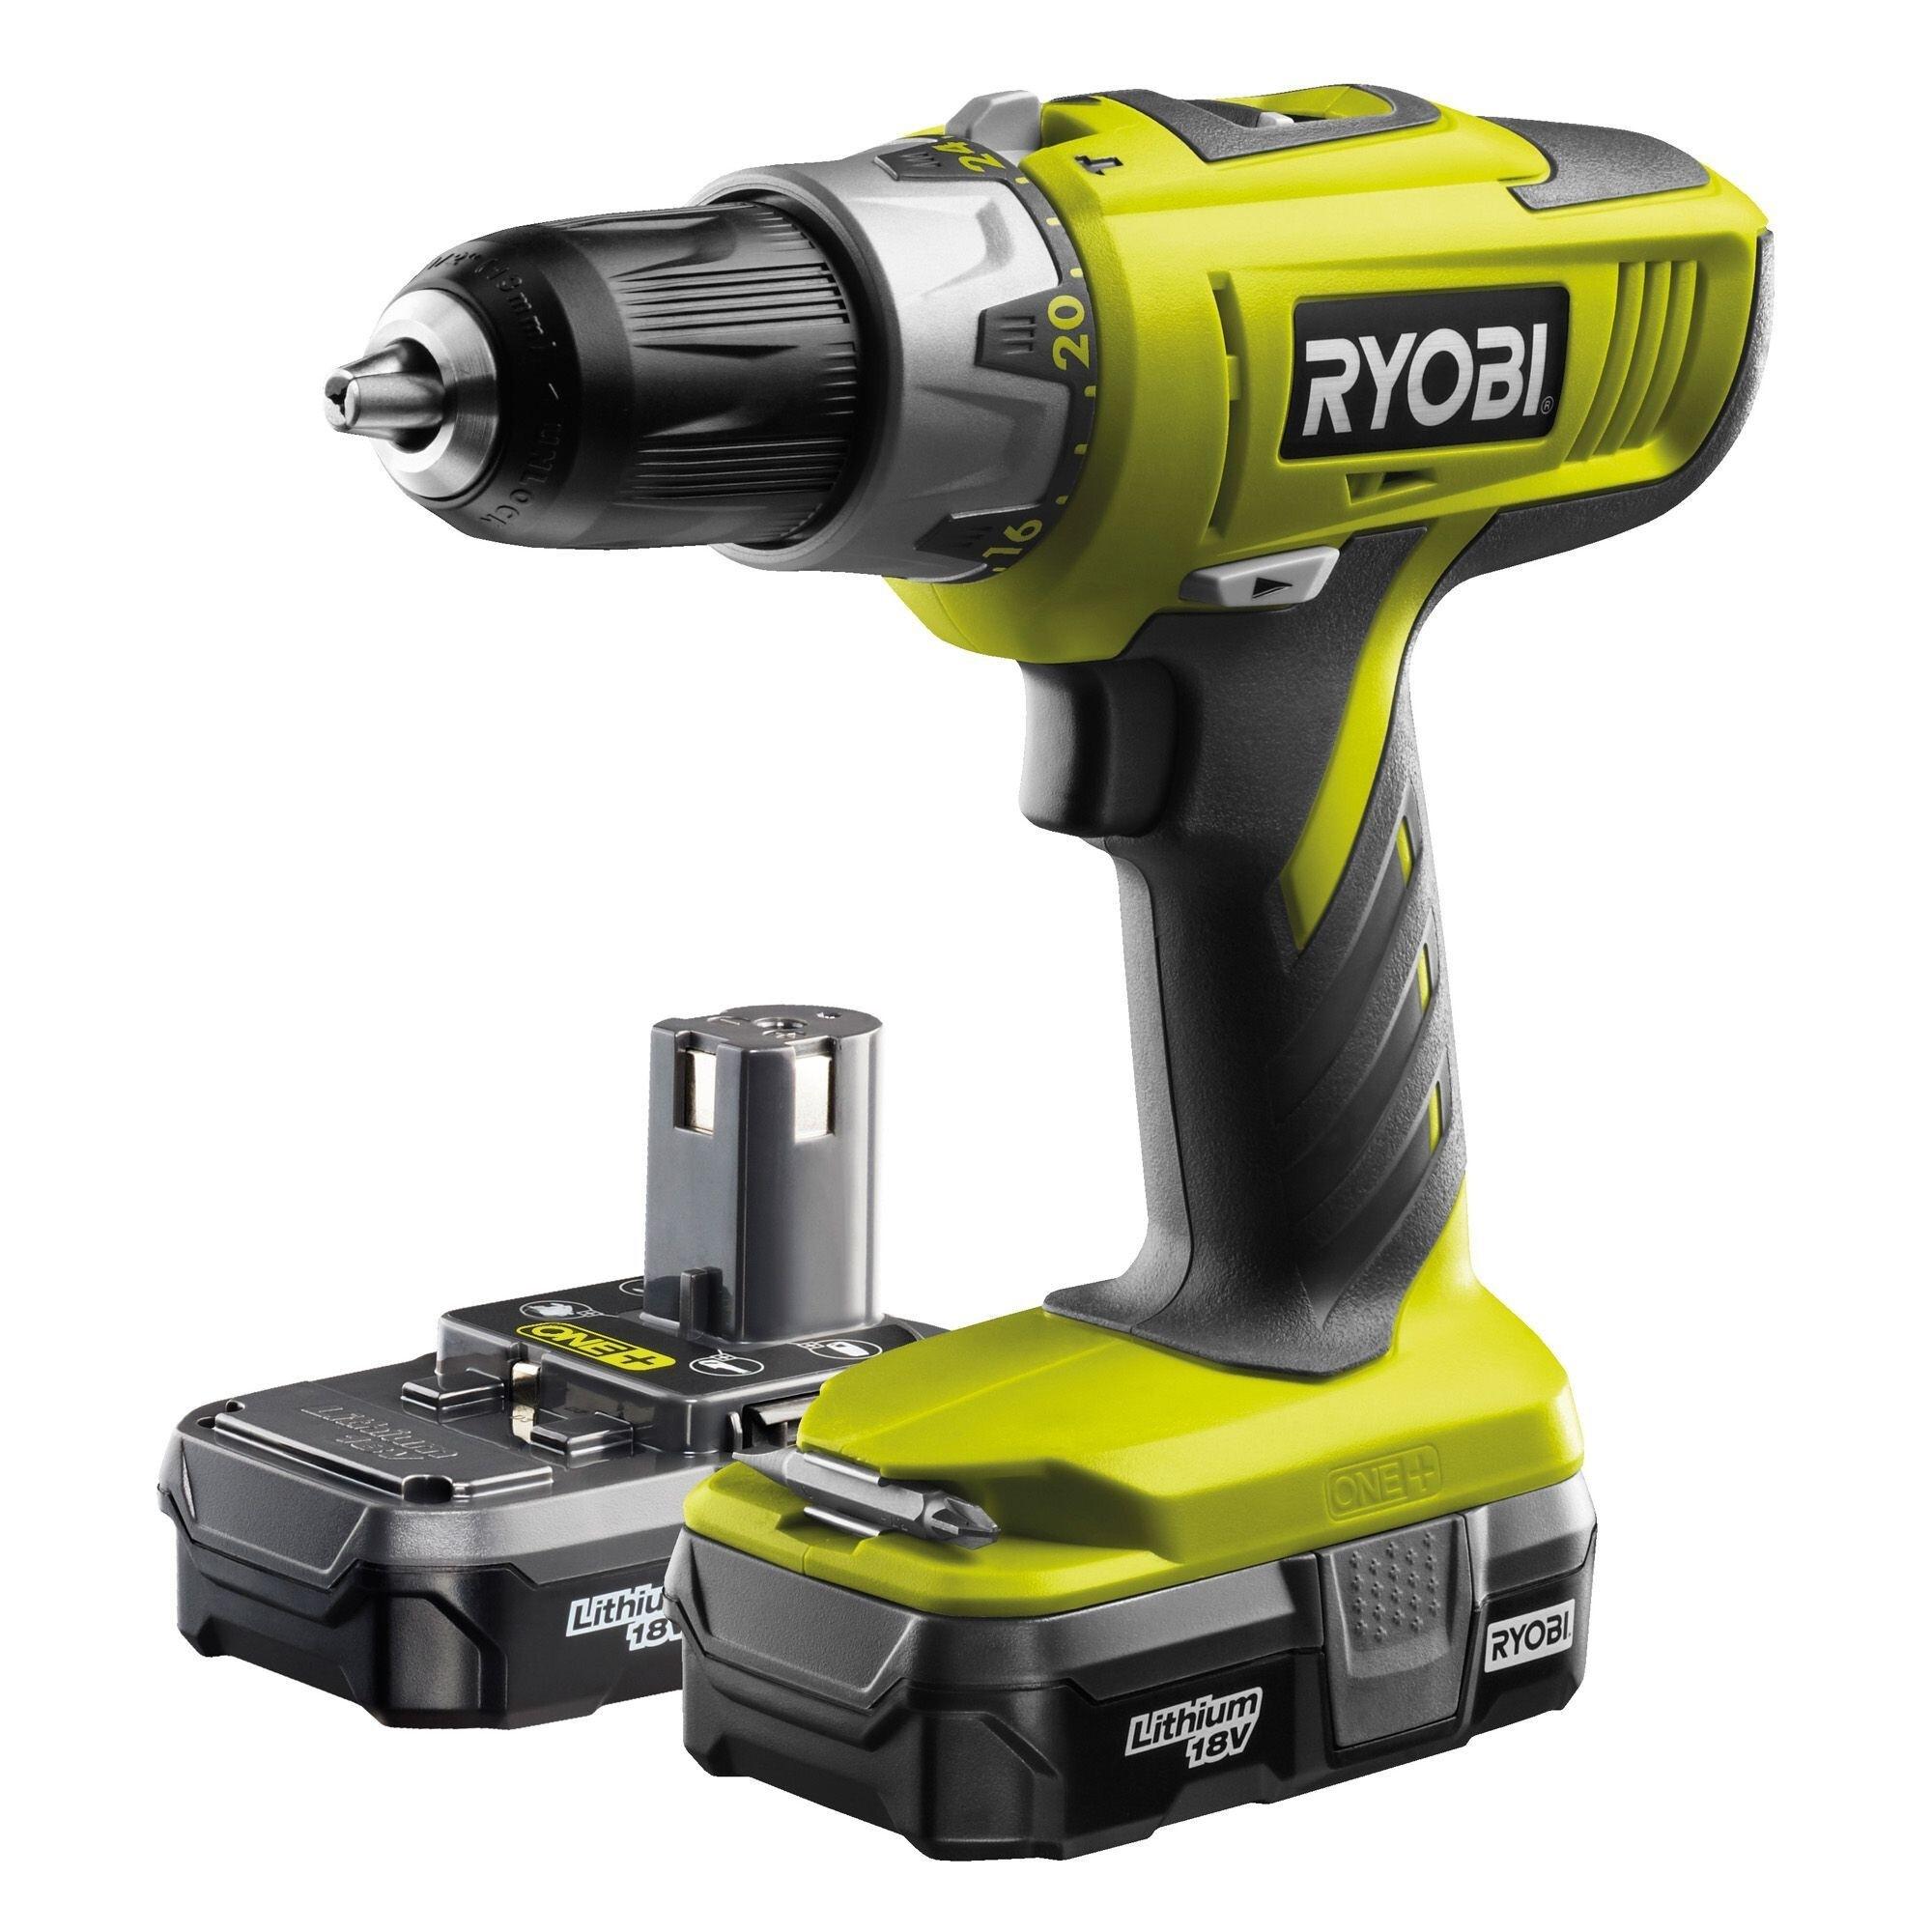 Ryobi LLCDI18022 ONE 2 Lithium Batts 18v Cordless Combi Drill